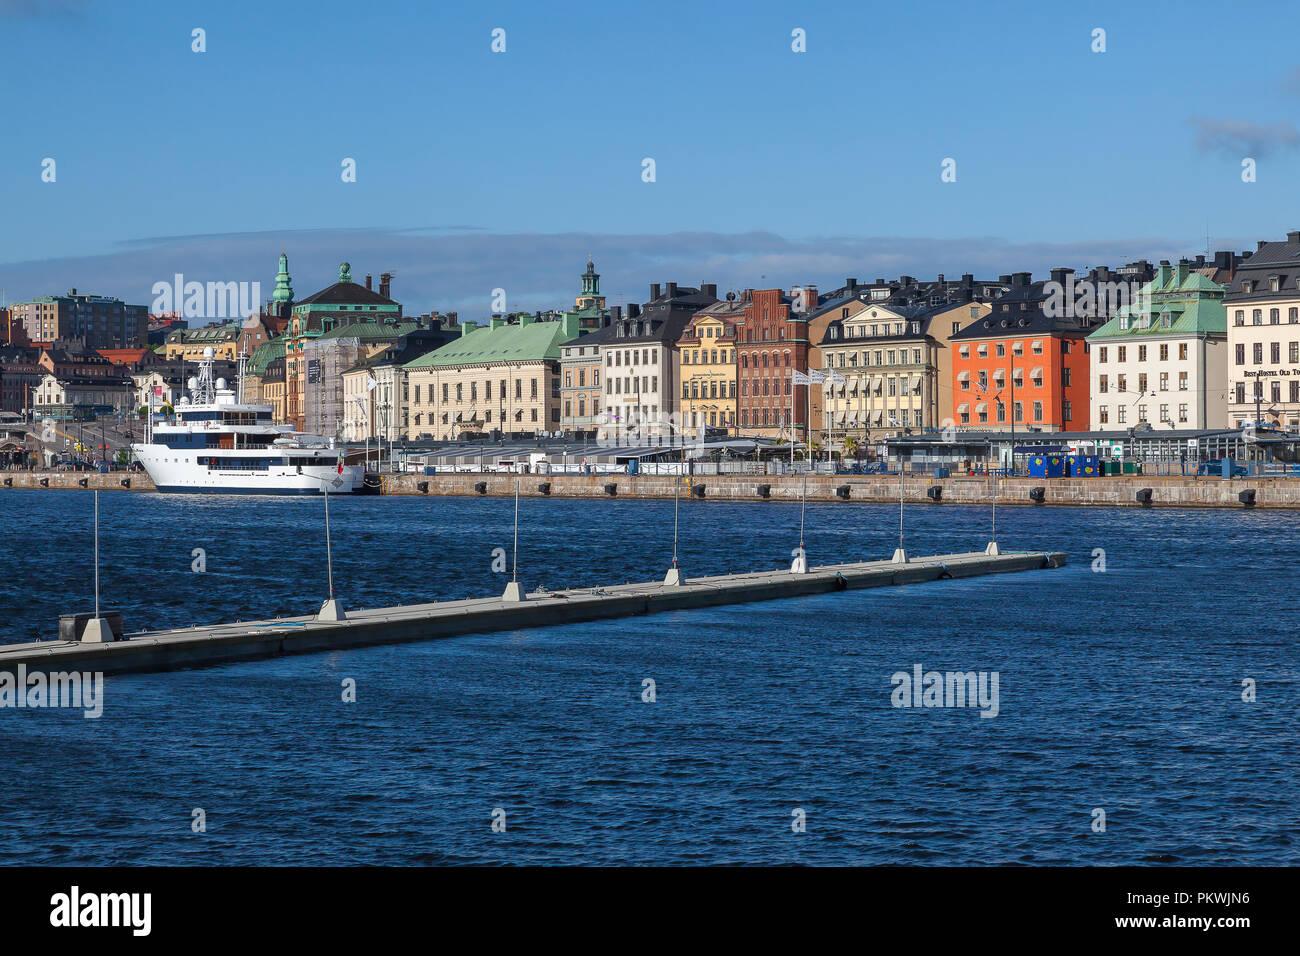 Old Town, Stockholm Sweden - Stock Image